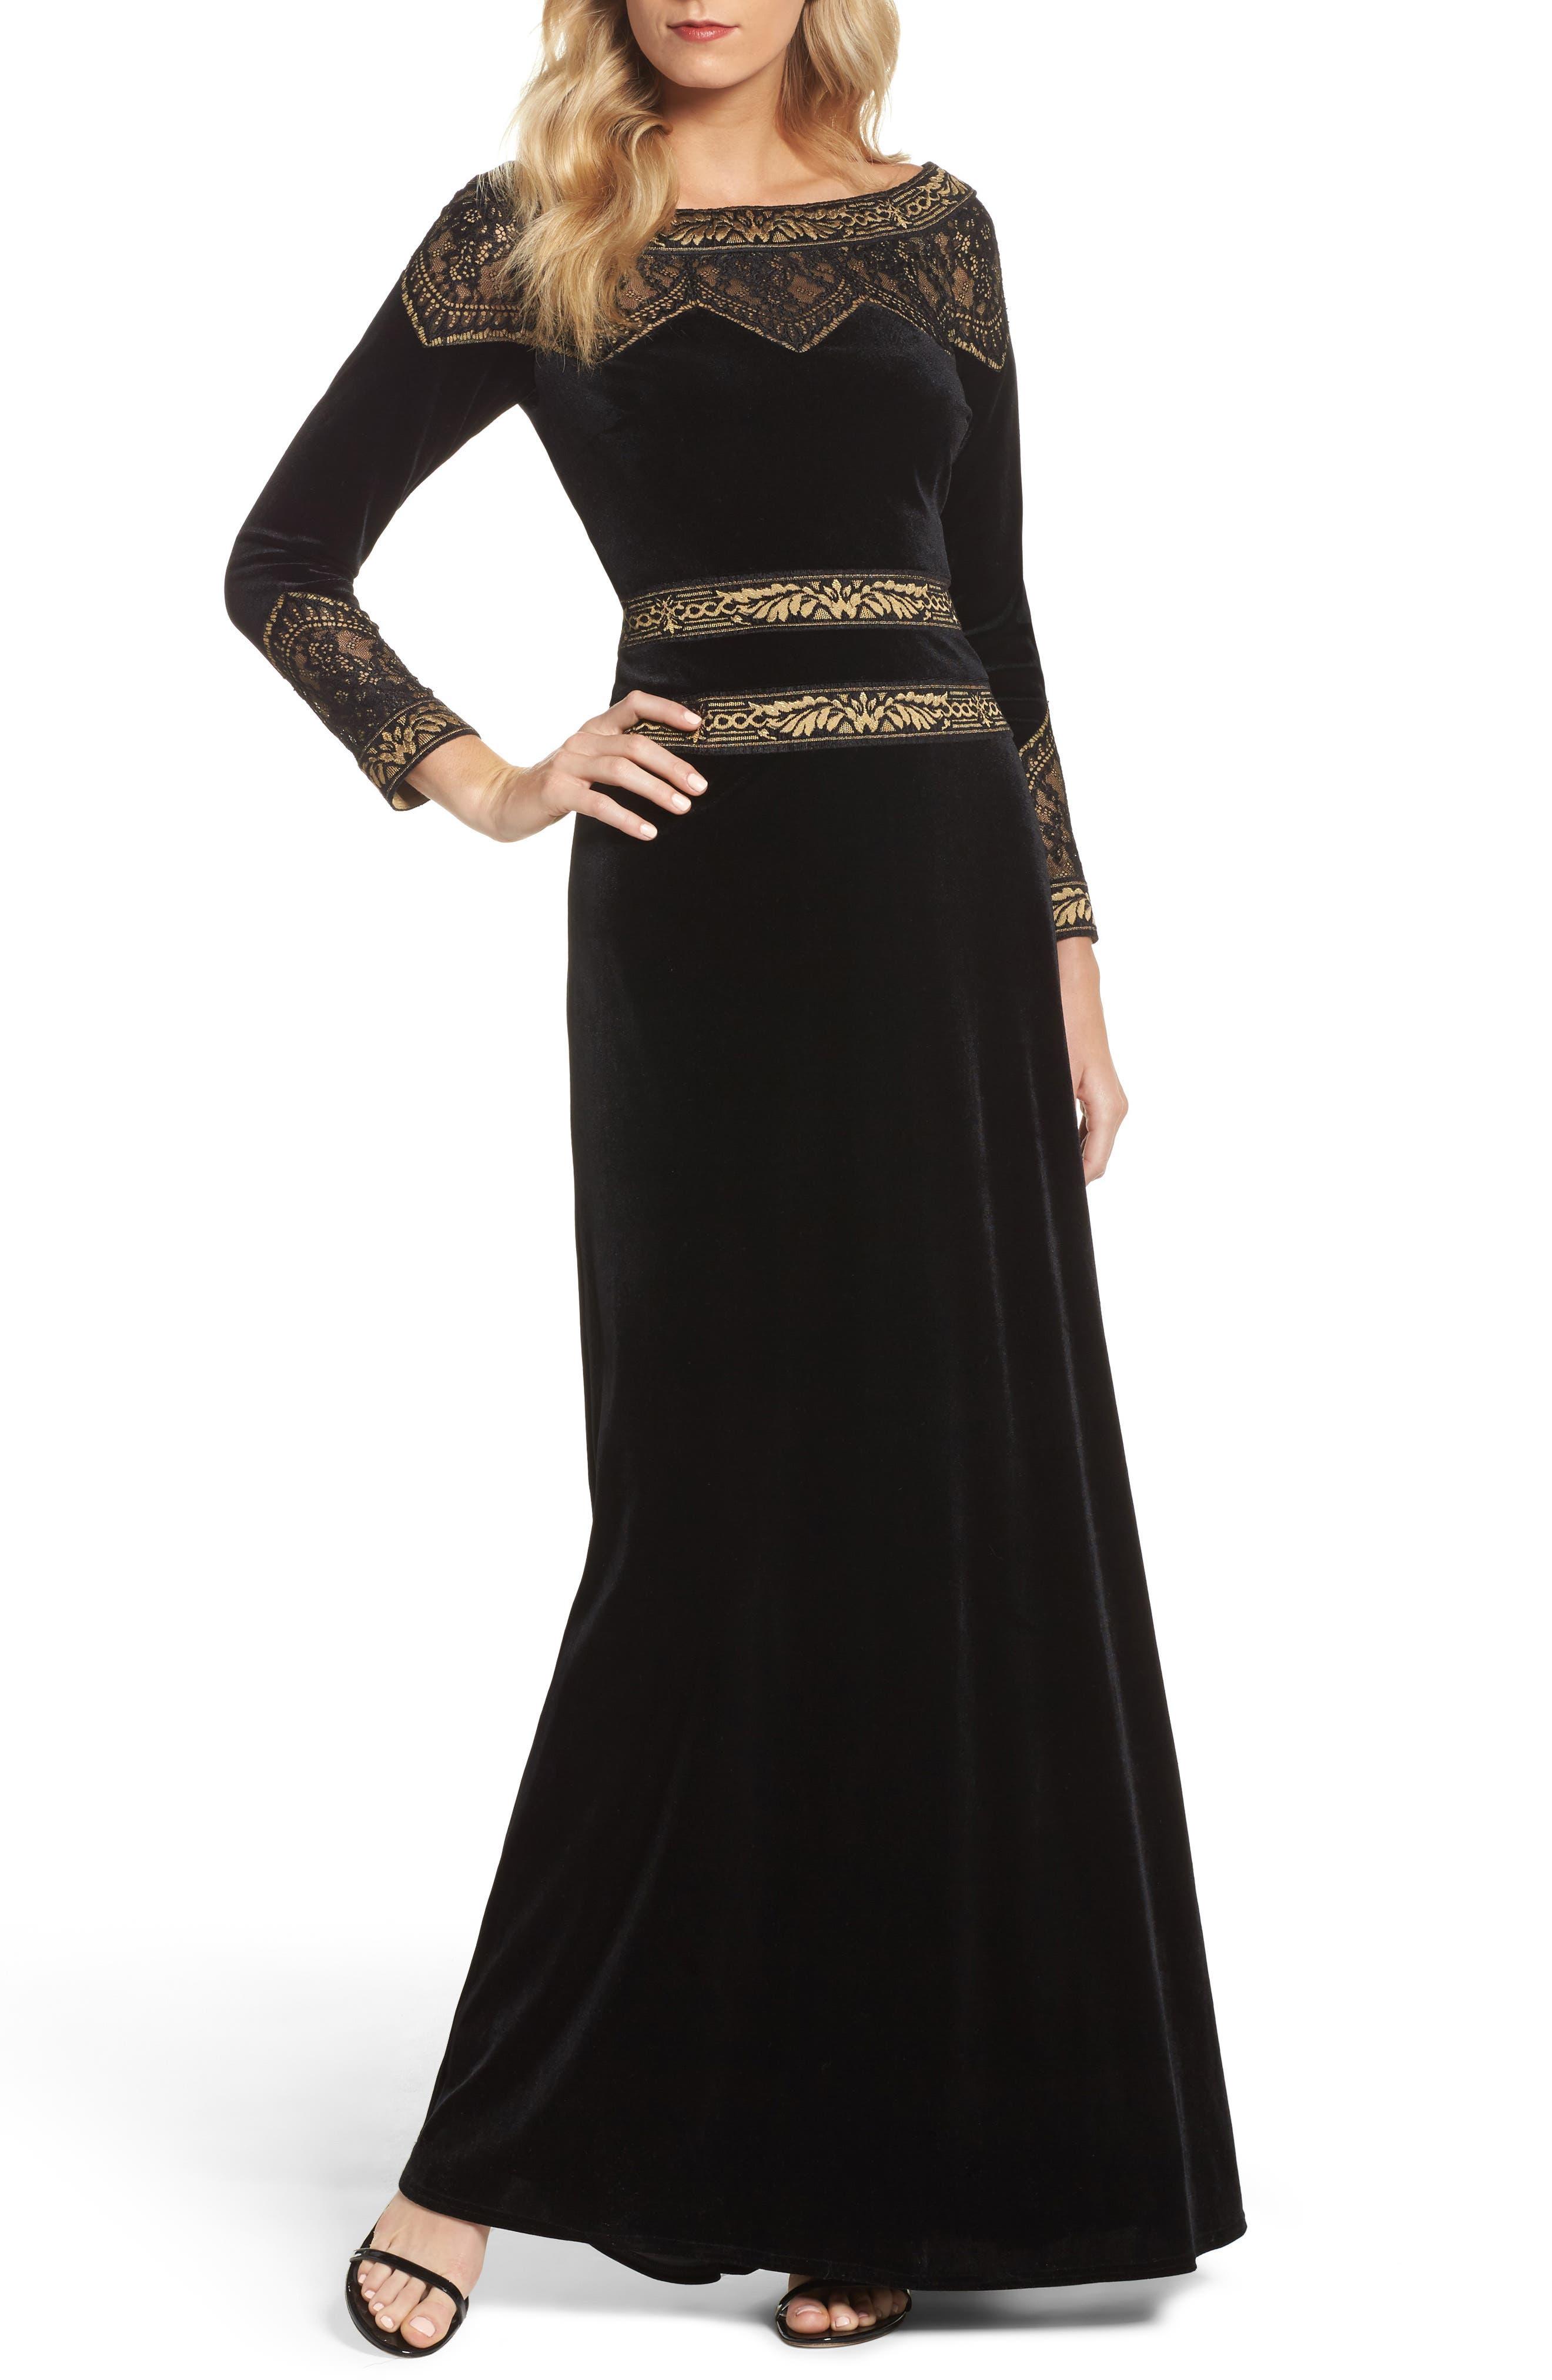 Lace Trim Velvet Gown,                             Main thumbnail 1, color,                             Black/ Gold